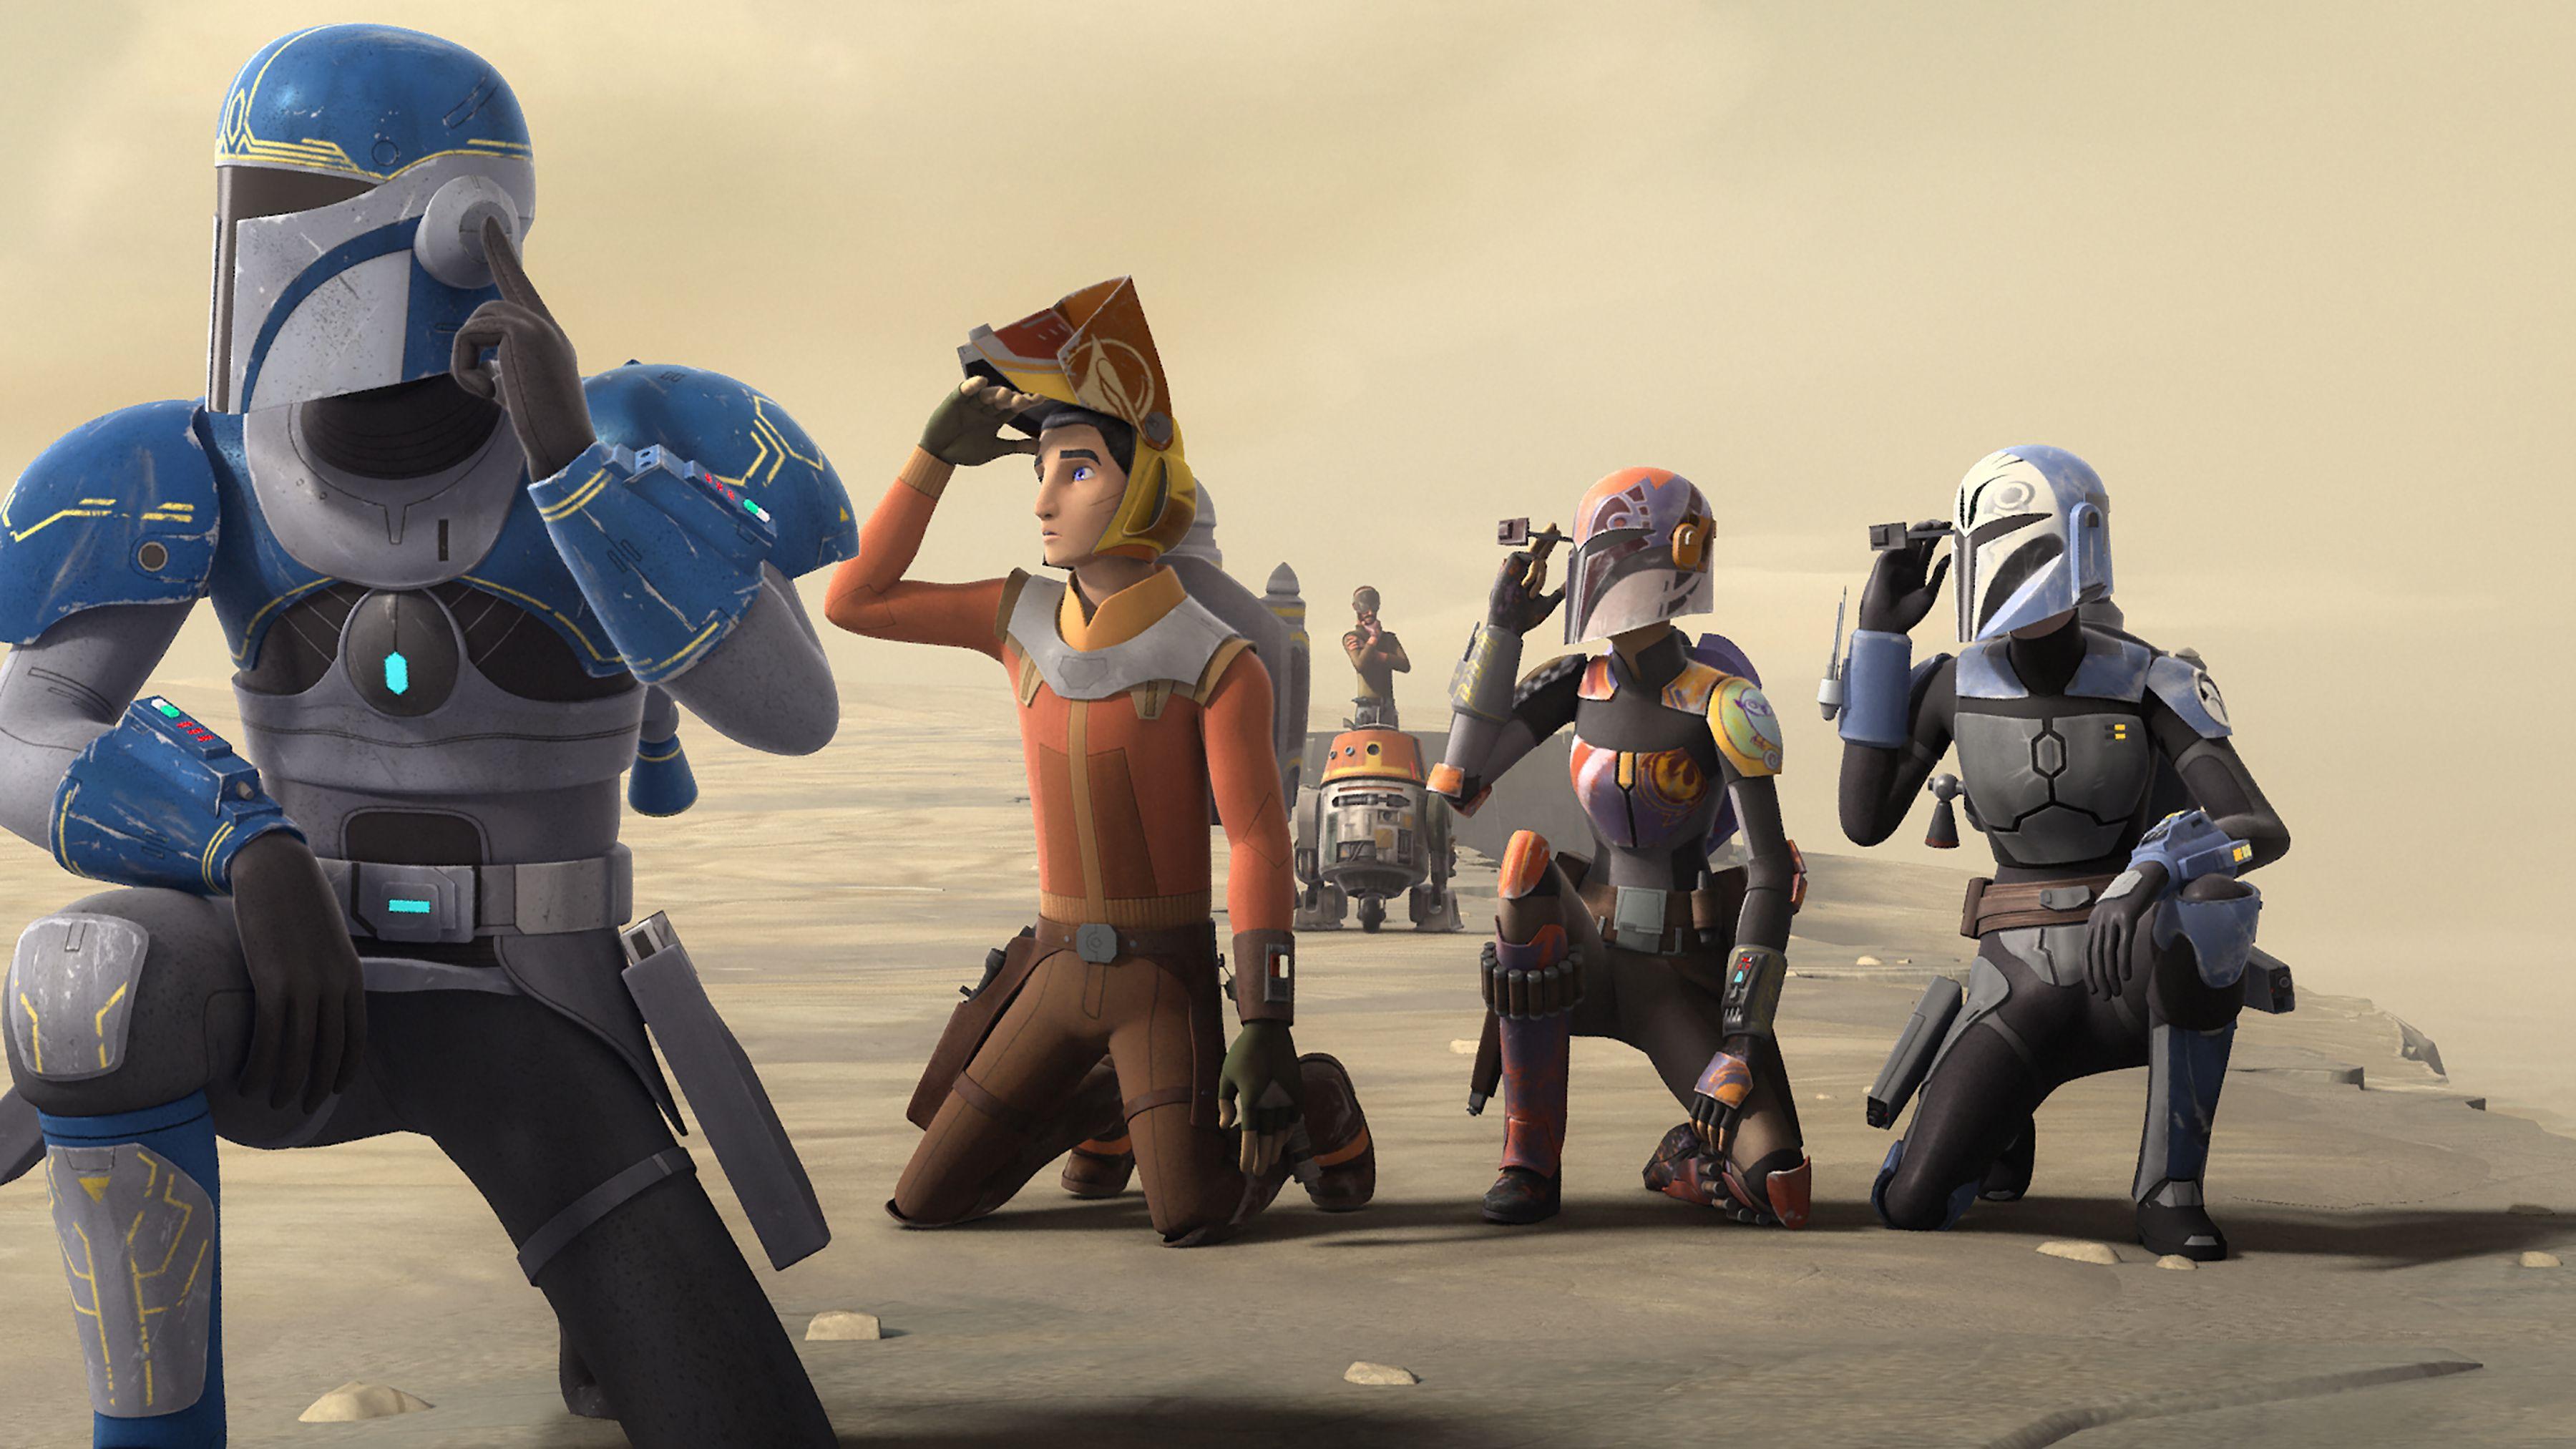 Star Wars Rebels Staffel 4 Folge 10